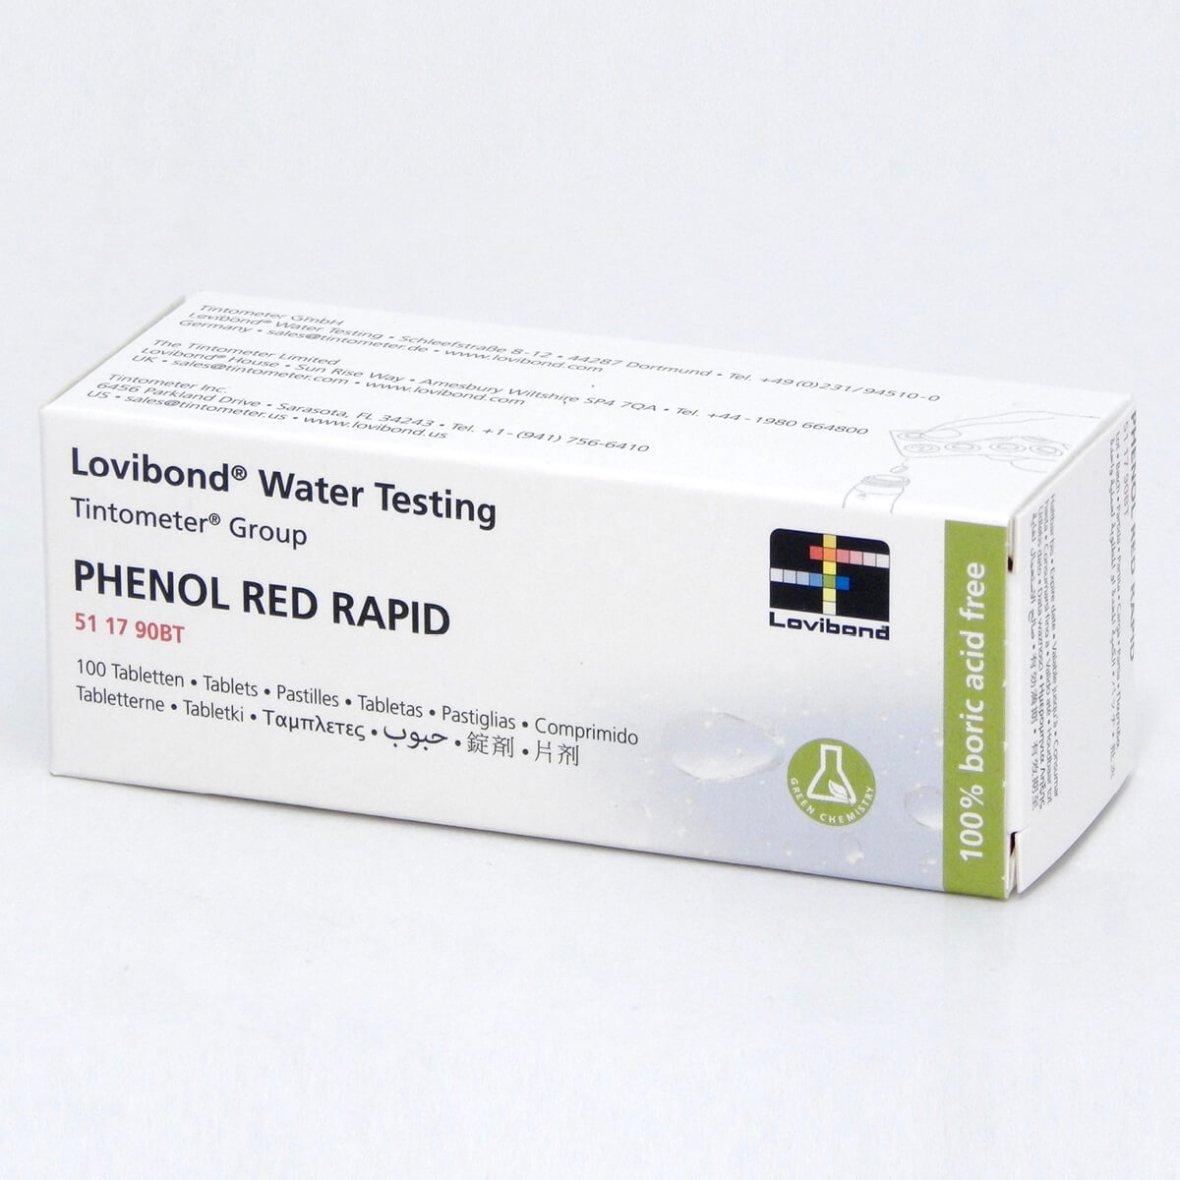 Phenol Red Rapid reservepilletjes Lovibond (100 stuks)